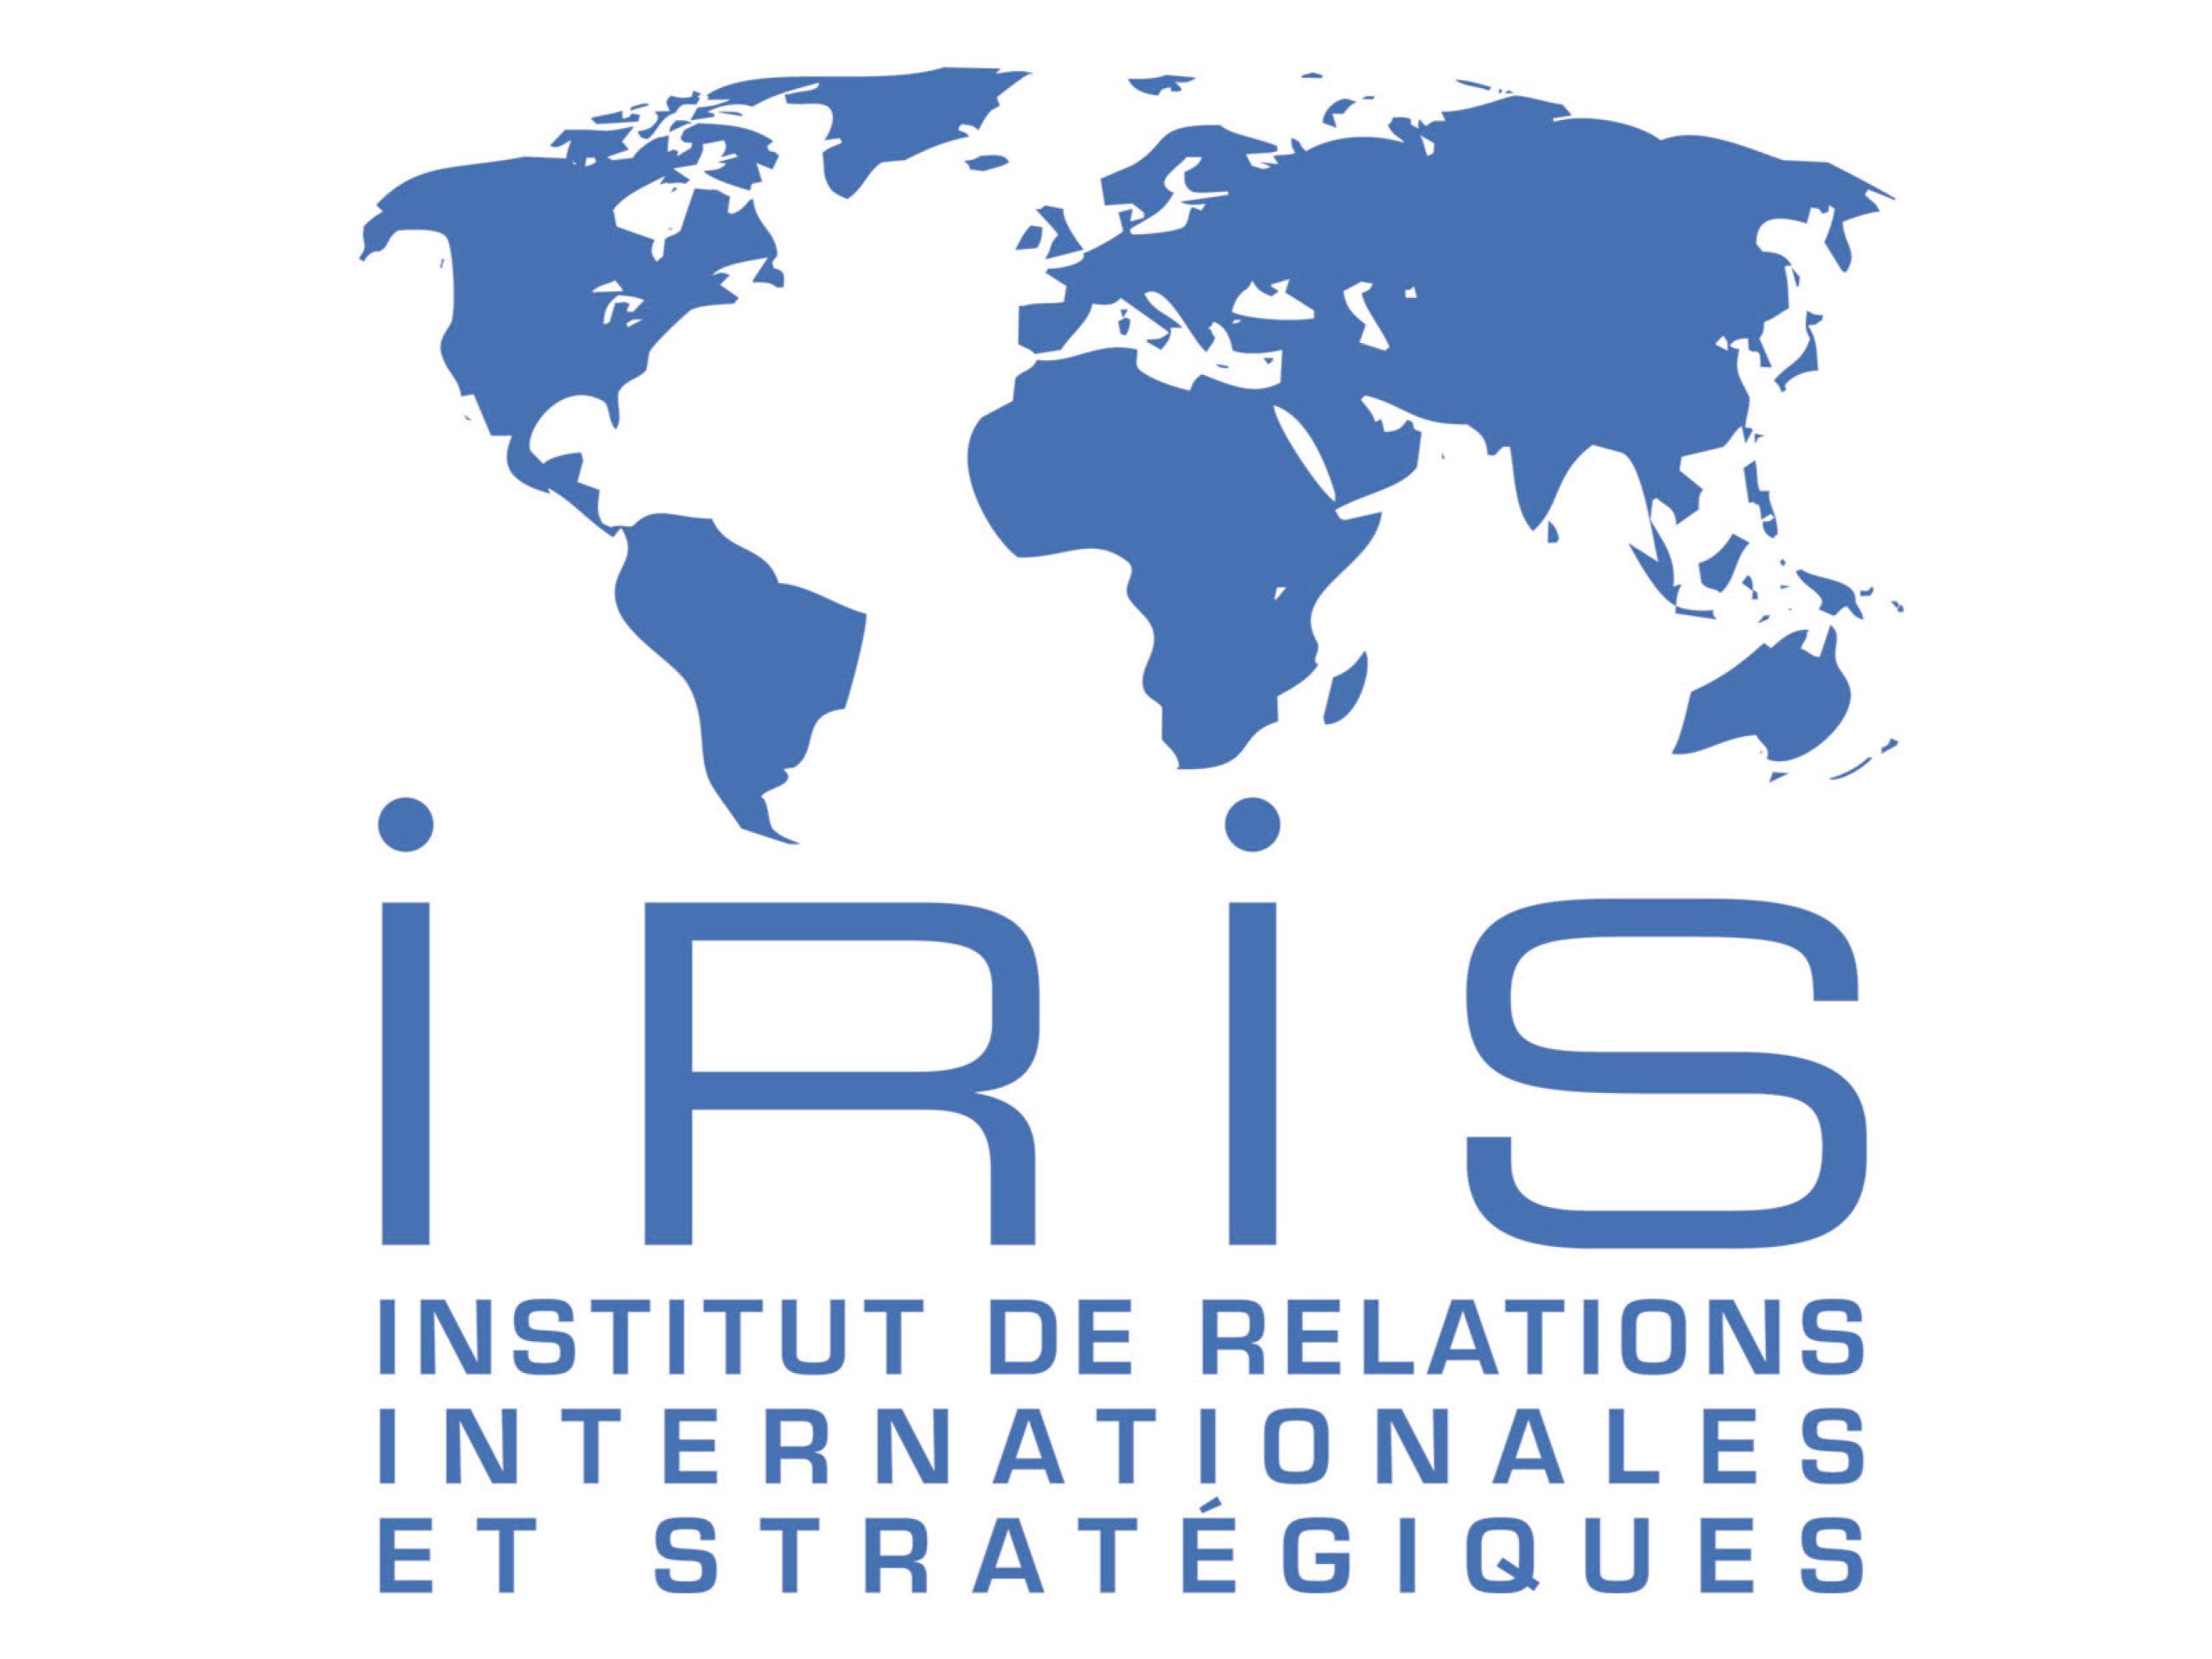 iris-institut-de-relations-internationales-strategiques